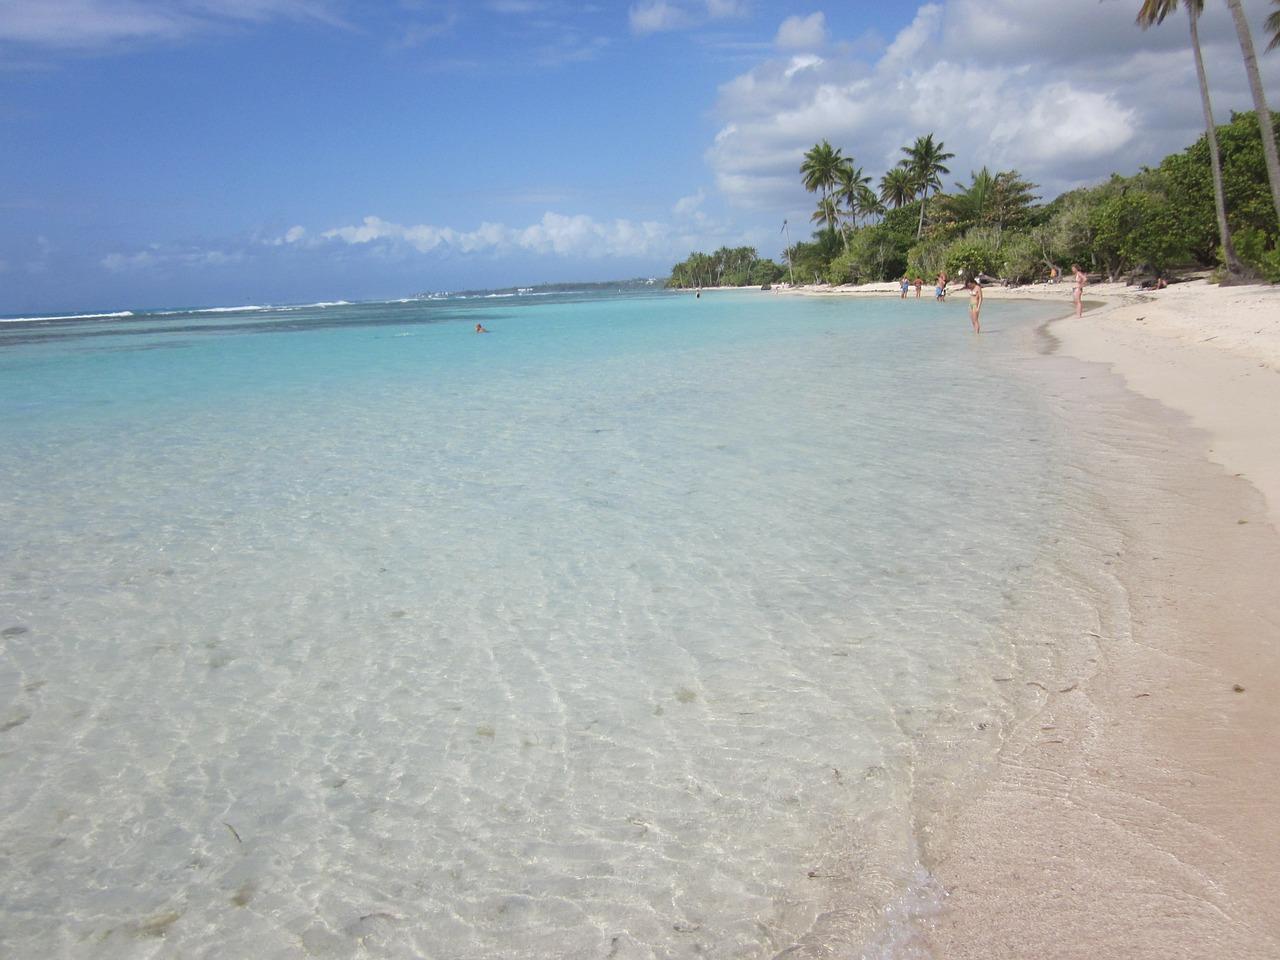 beach-185819_1280